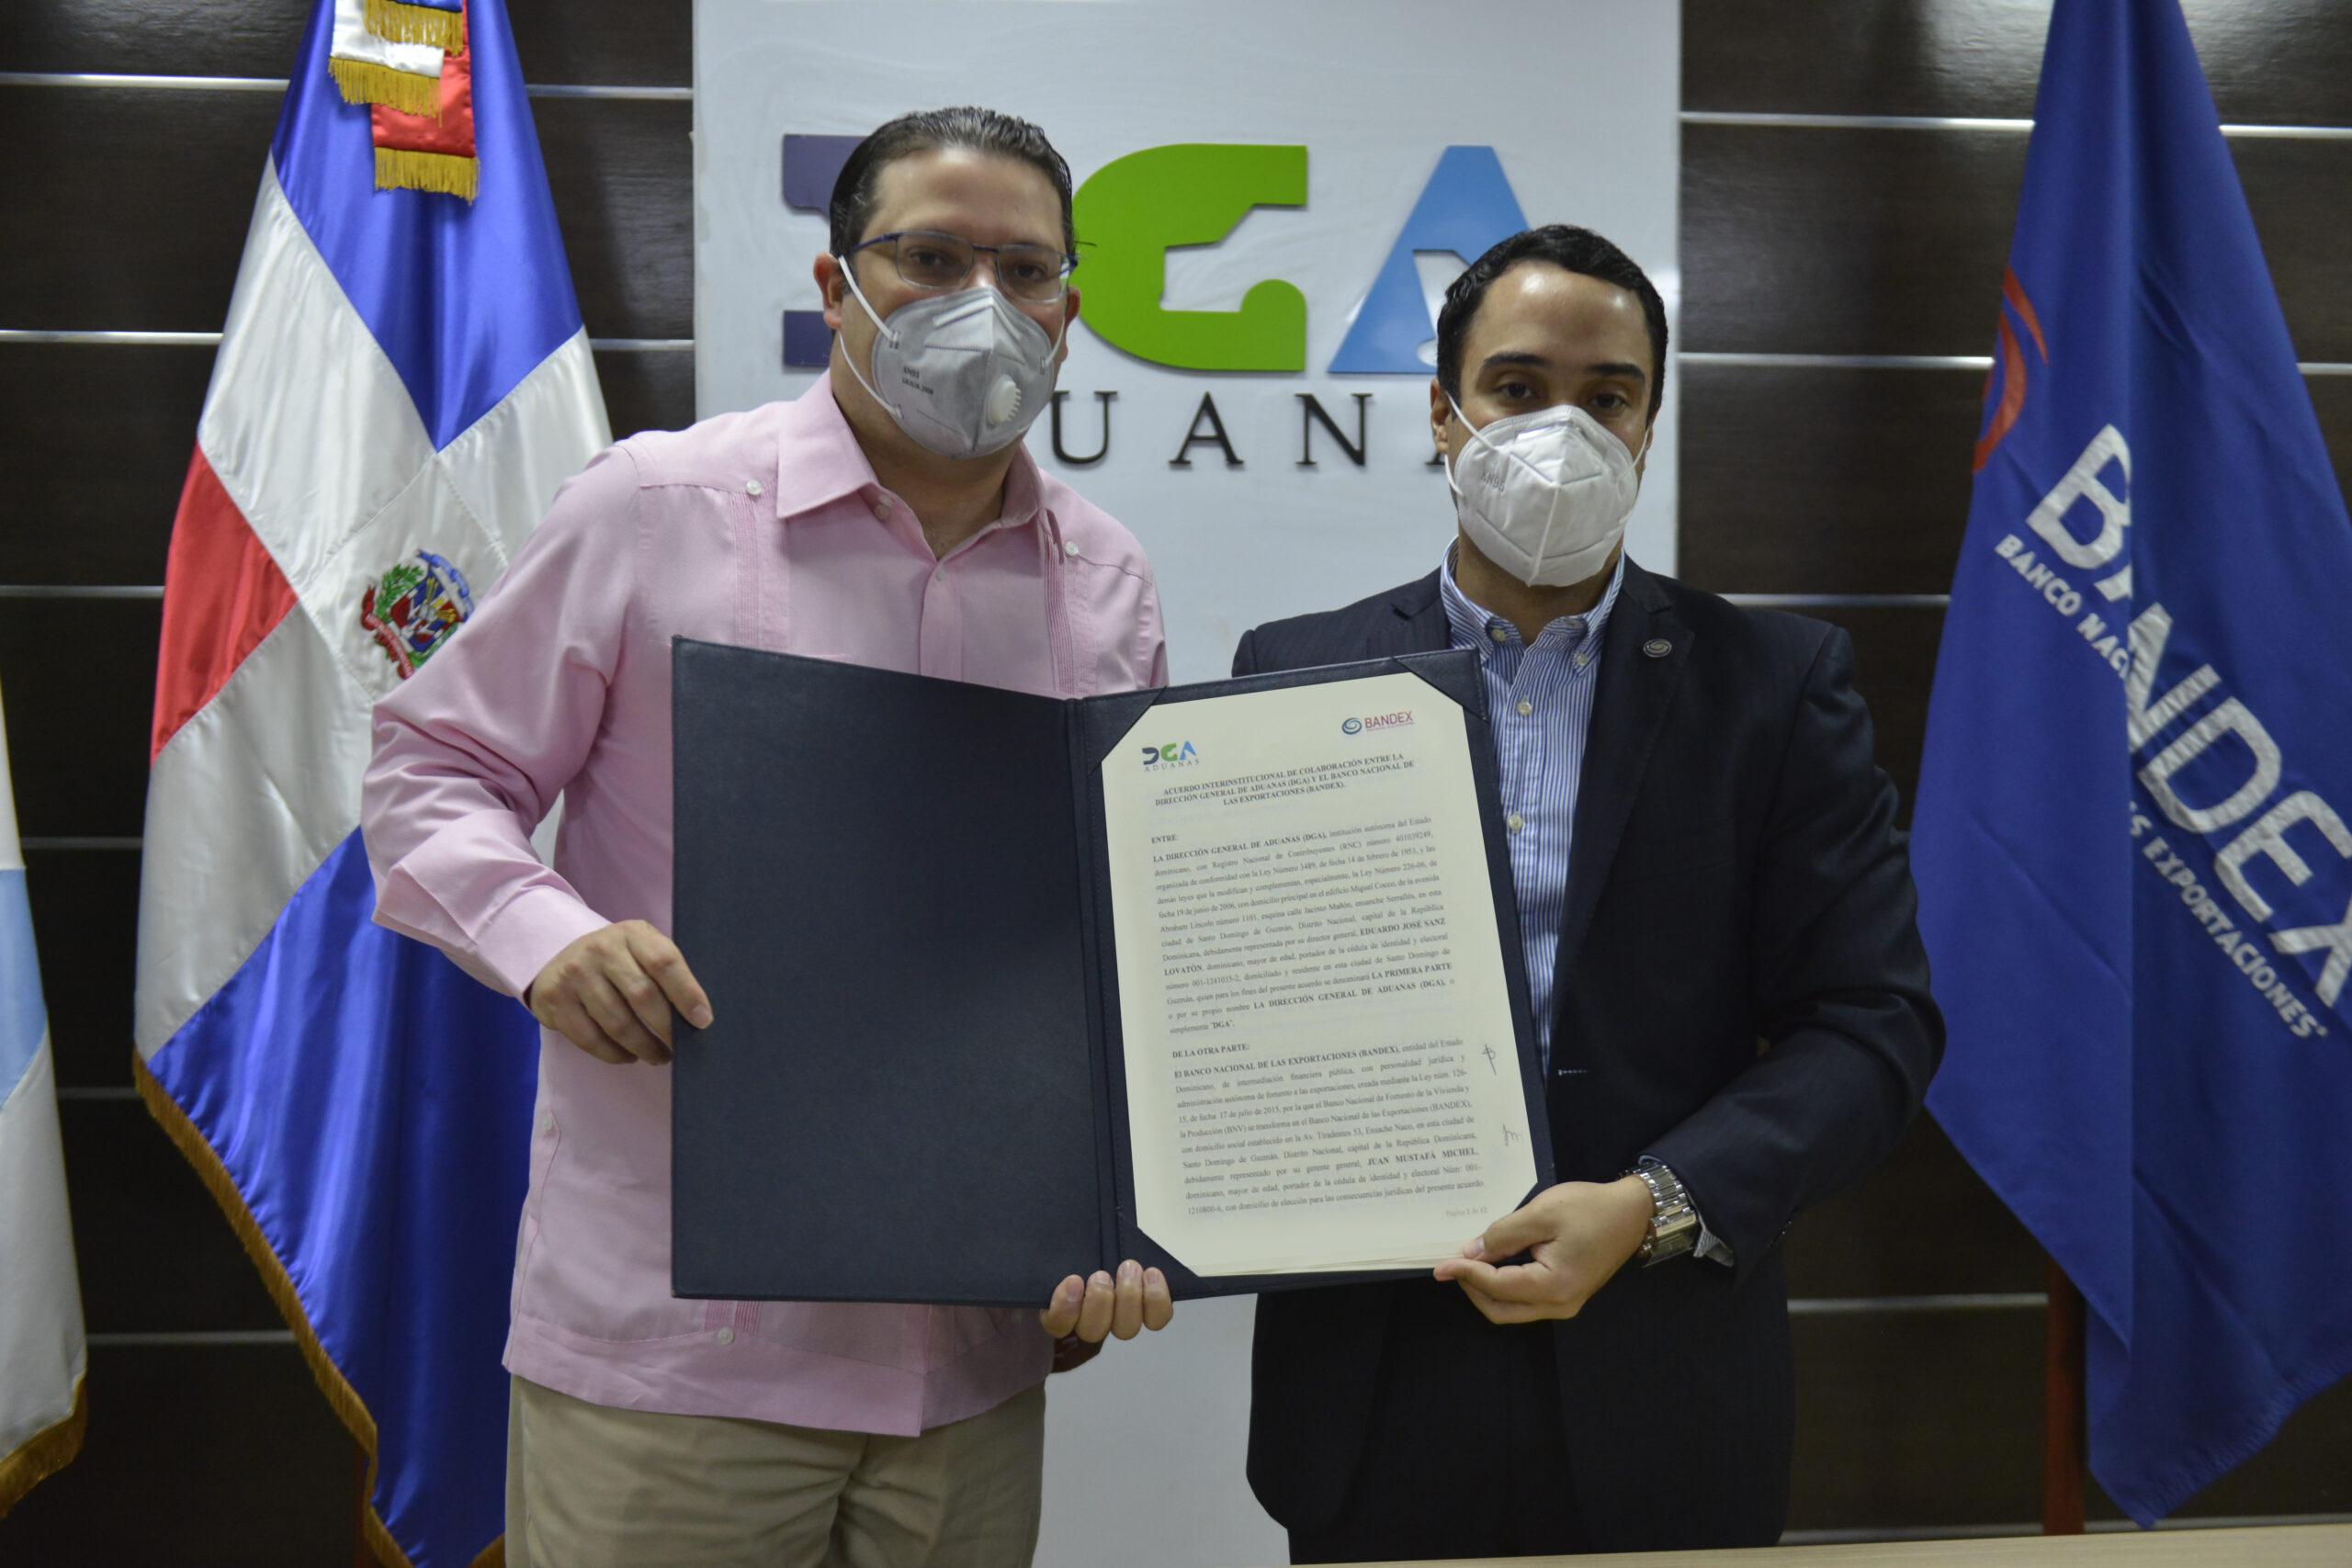 Aduanas y Bandex suscriben acuerdo de cooperación para facilitar el comercio